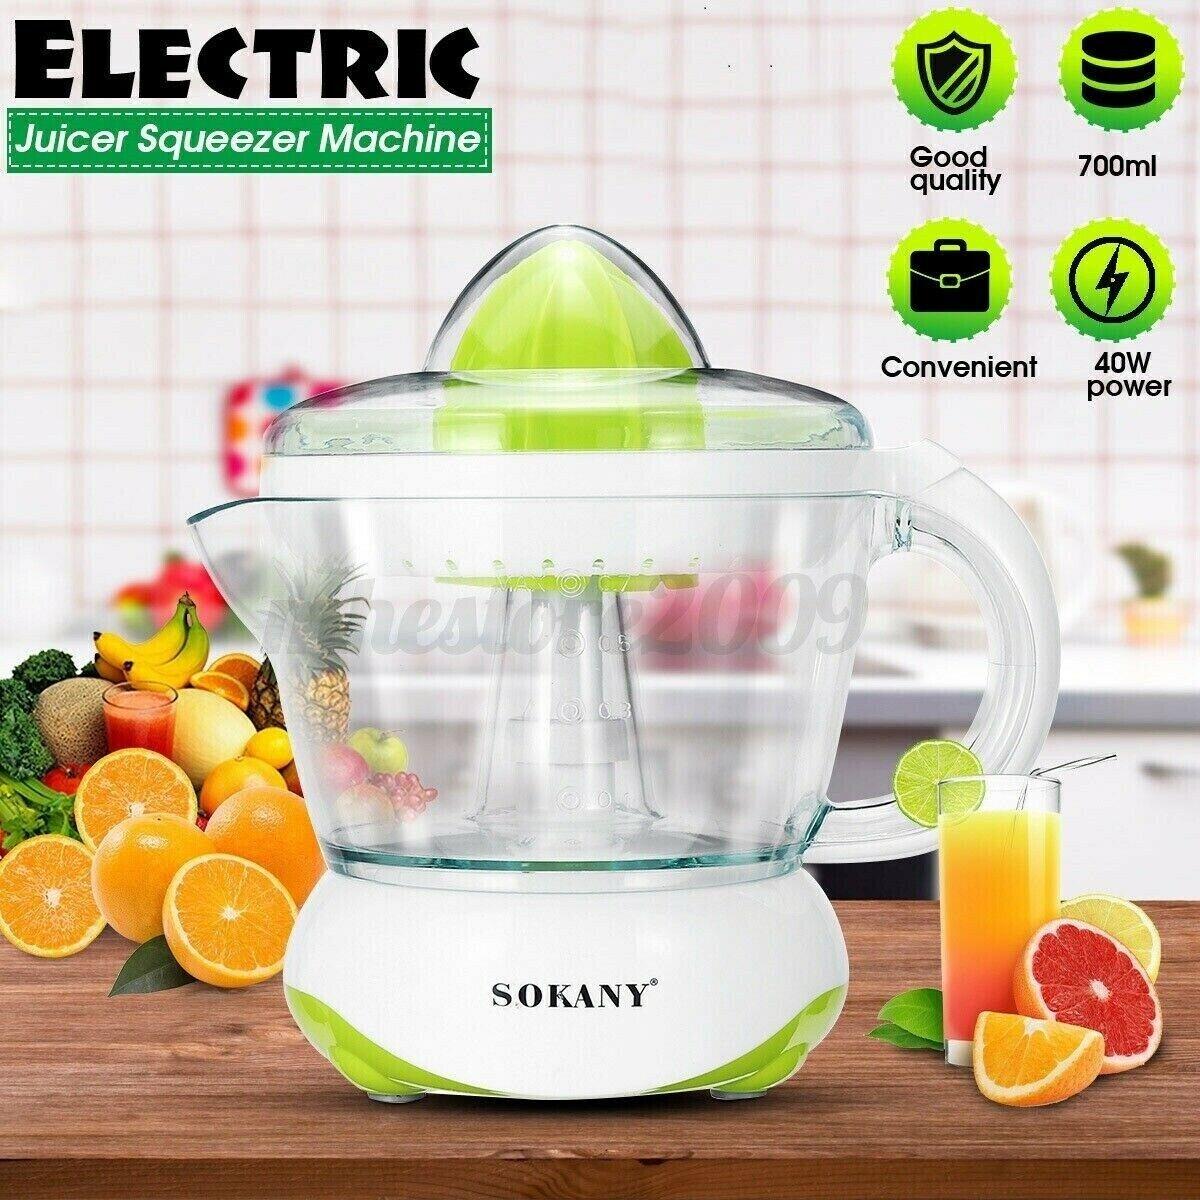 Electric Juicer Squeezer Machine Orange Lemon Citrus Fruit P